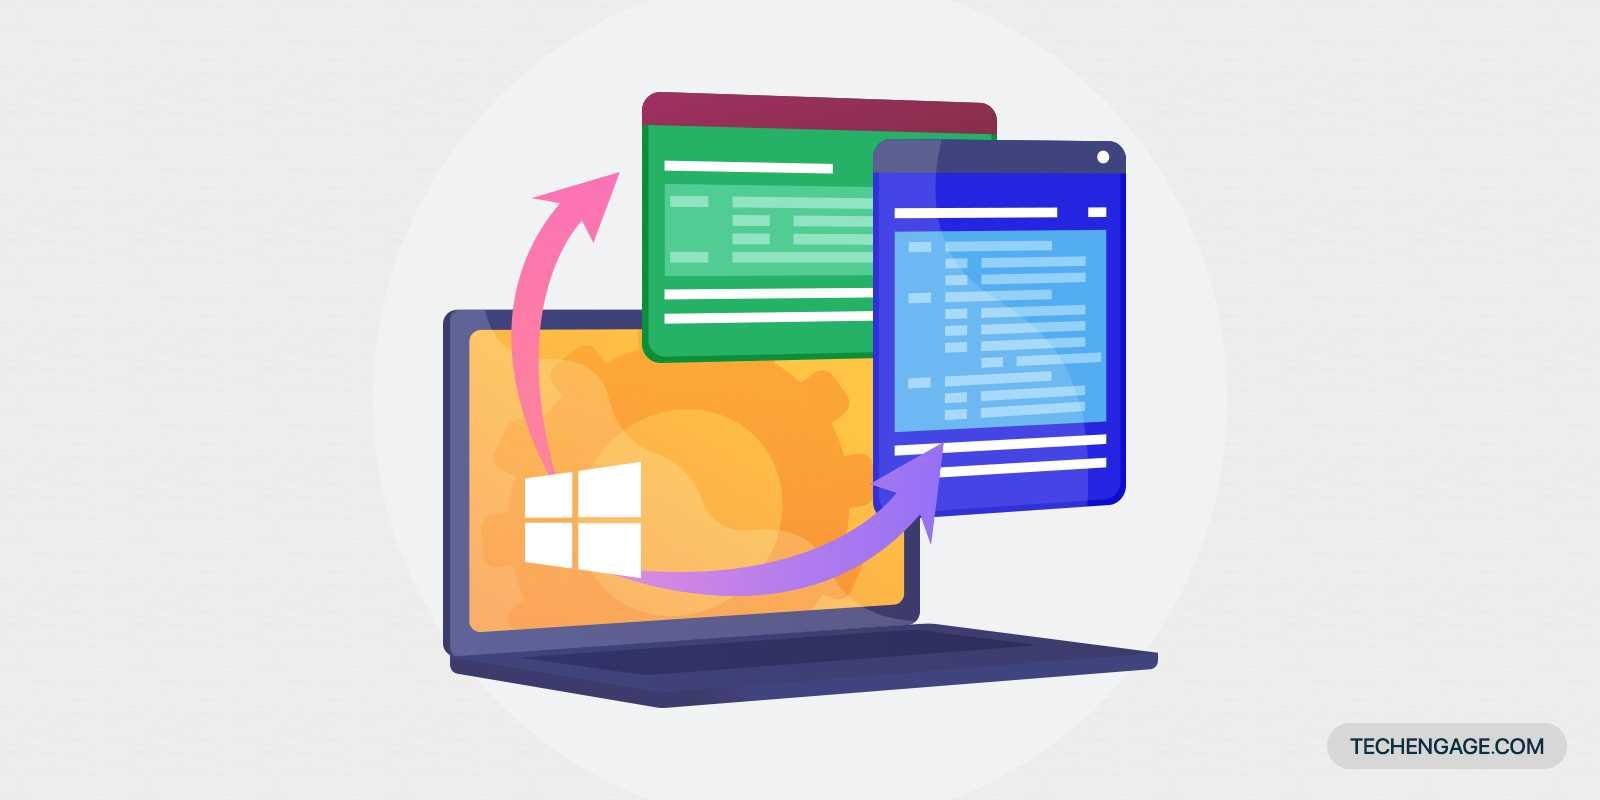 Une icône d'ordinateur portable avec système d'exploitation Windows avec des applications qui sortent de l'écran